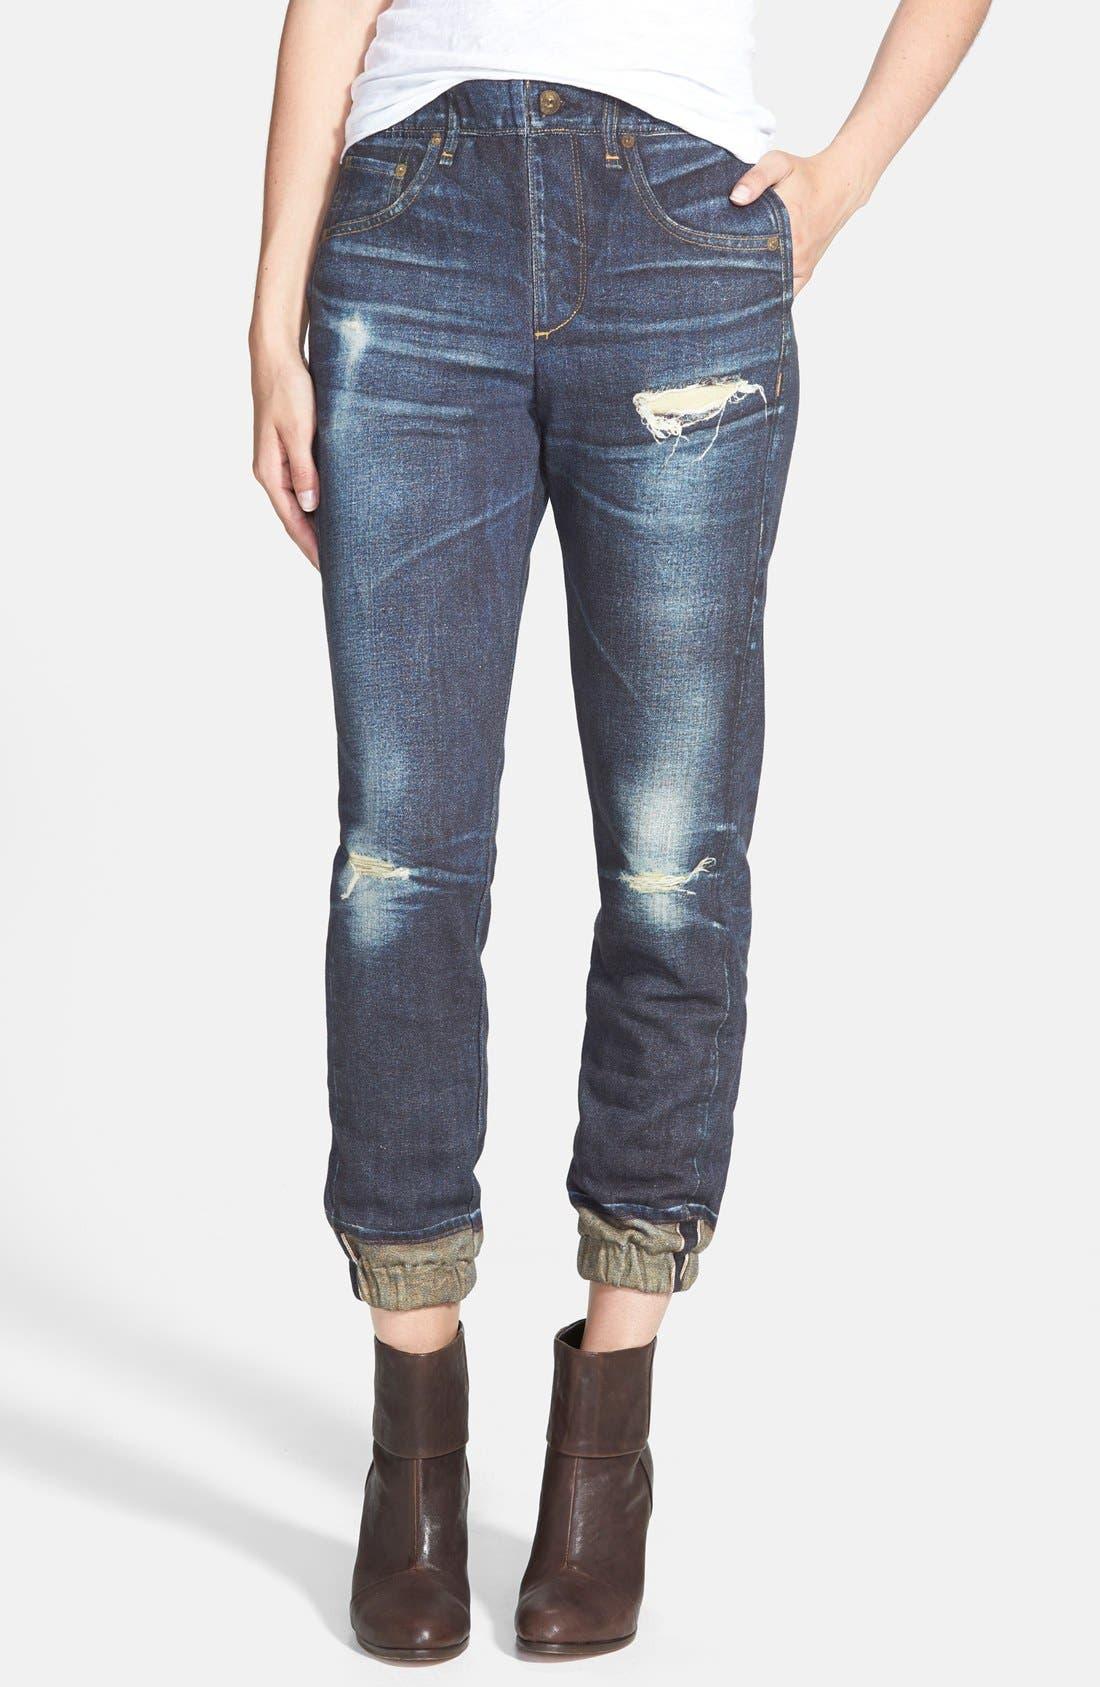 JEAN 'Pajama Jean' Print Sweatpants,                             Main thumbnail 1, color,                             404